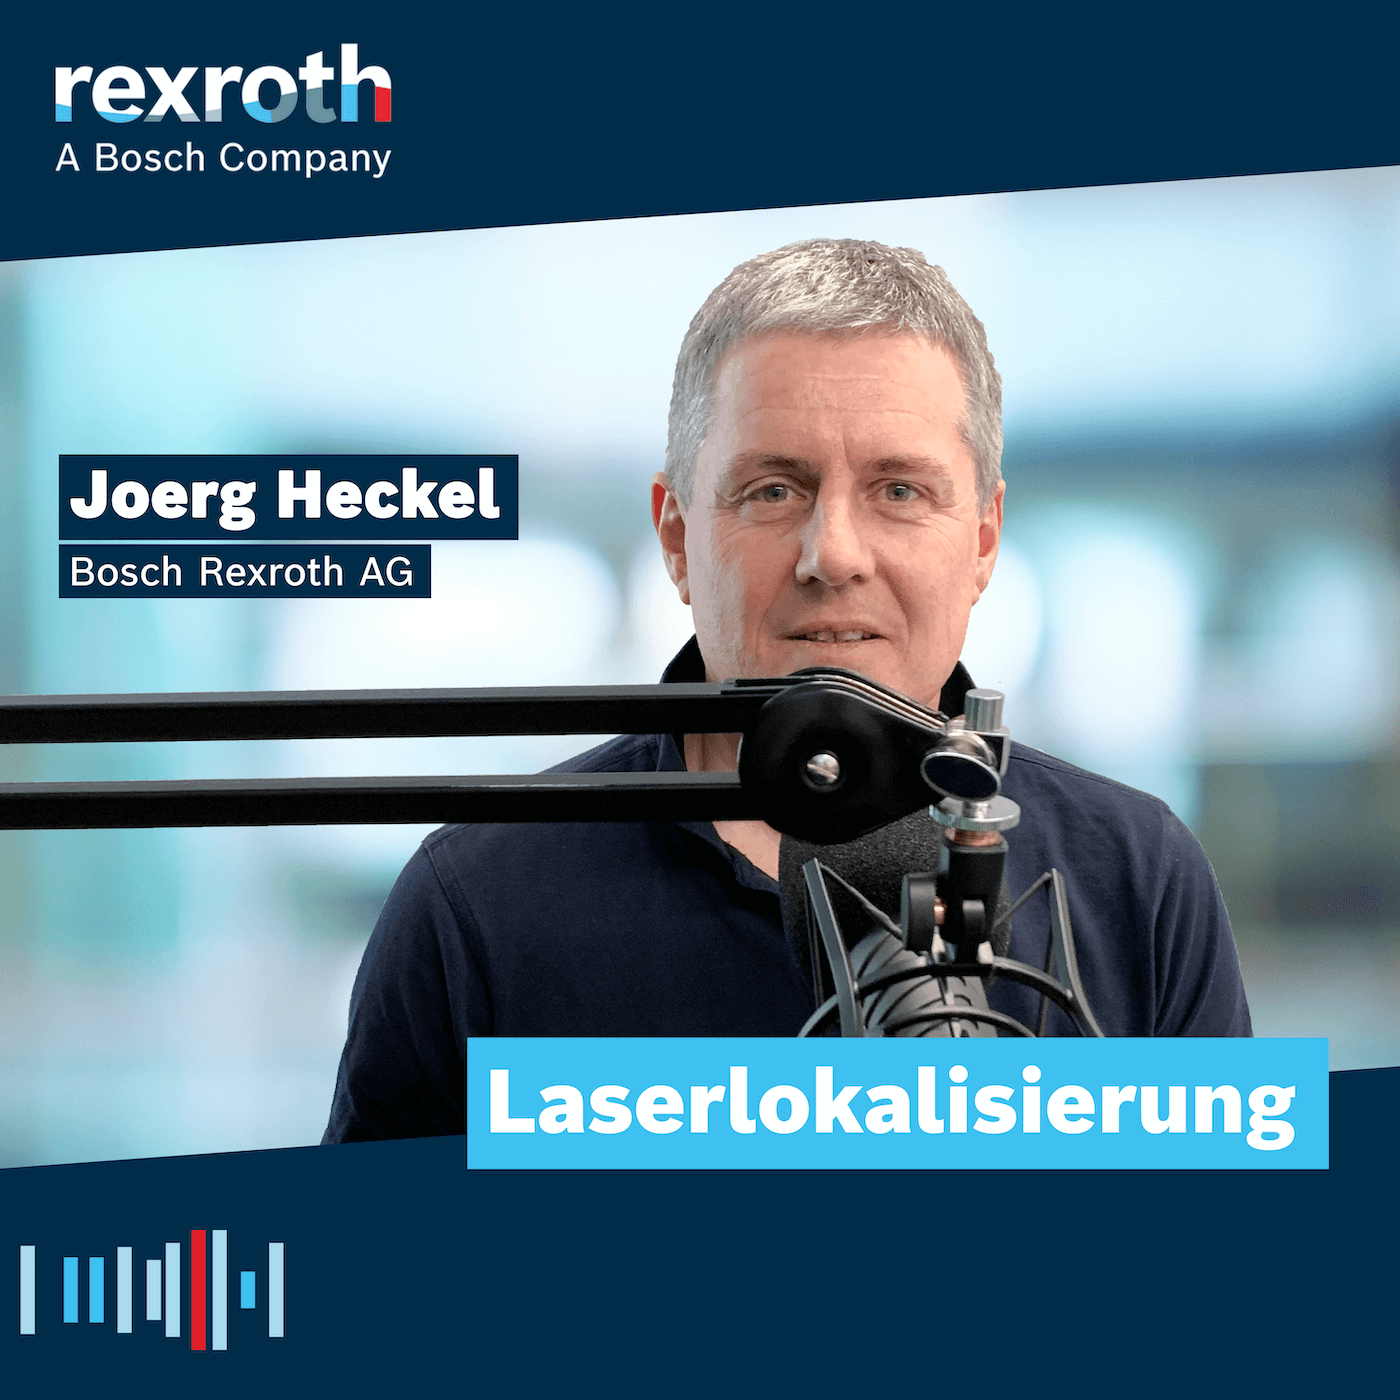 Intralogistik | Mobile Robotics - Wie funktioniert Laserlokalisierung?